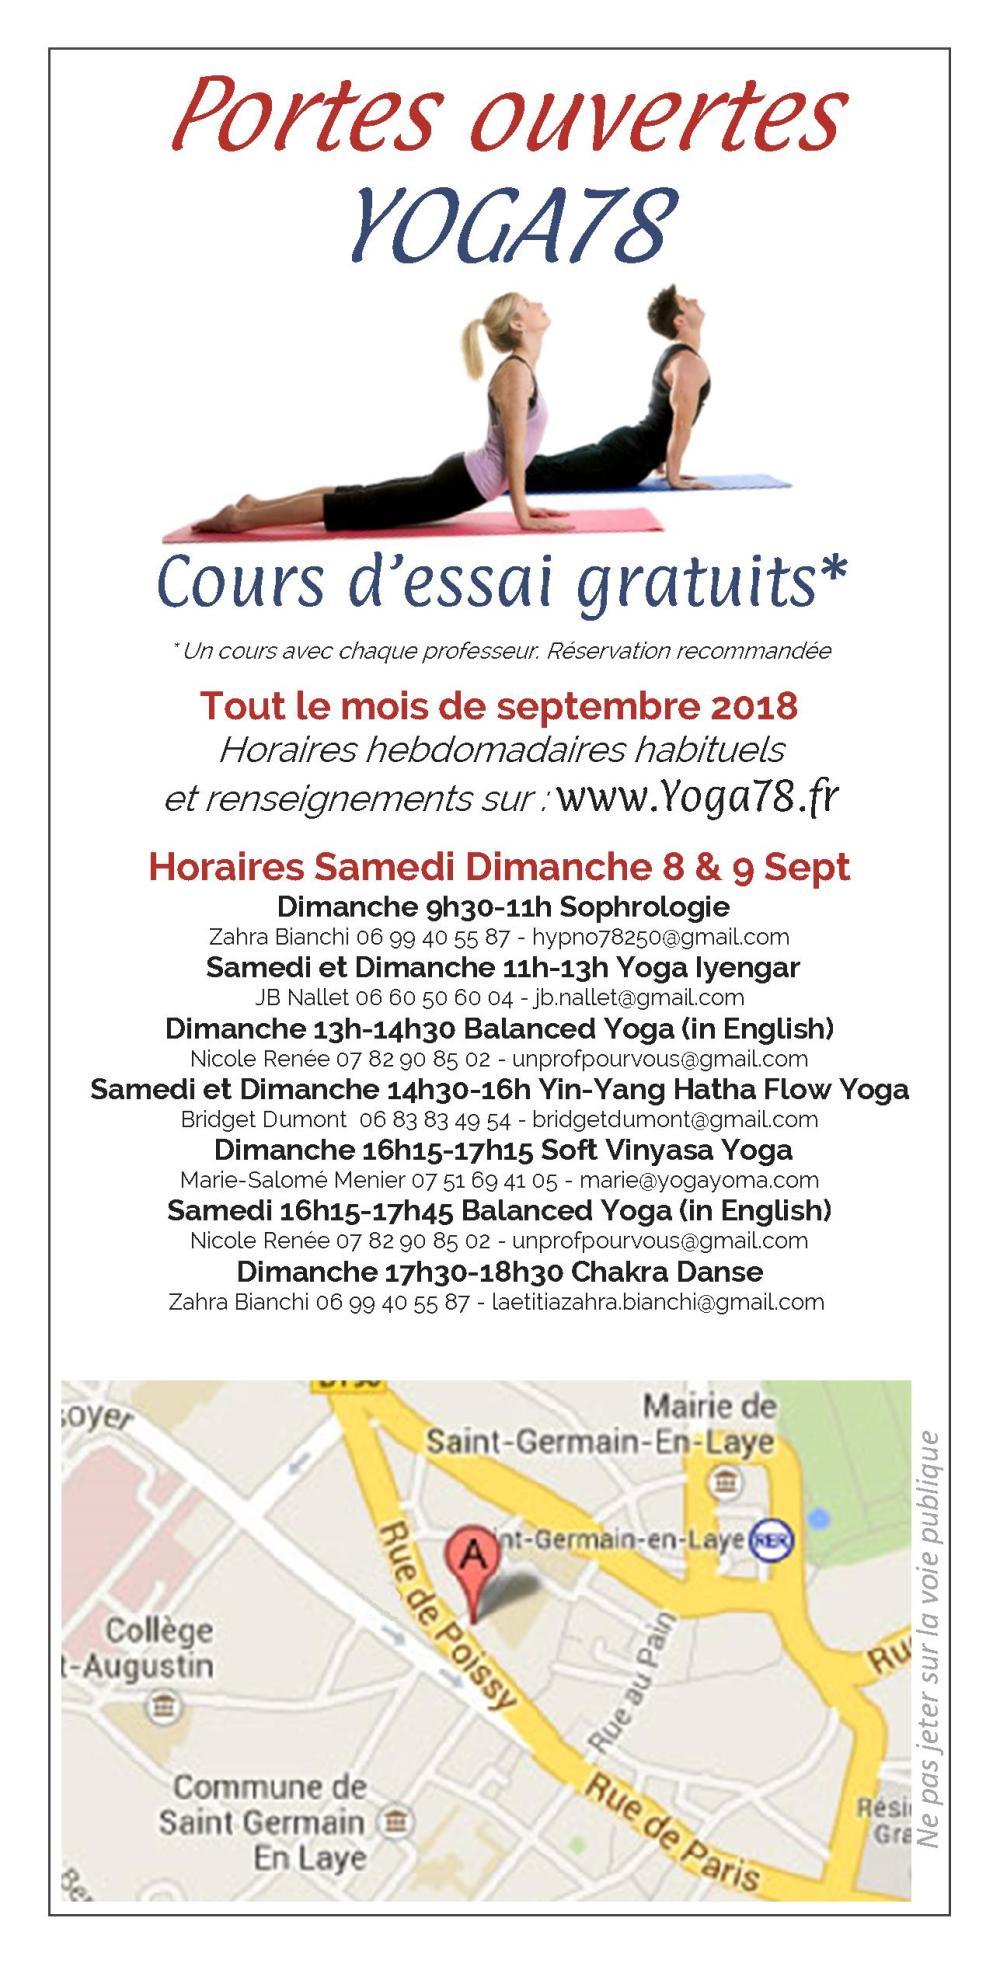 Yoga78 - Flyer Journées portes ouvertes septembre 2018